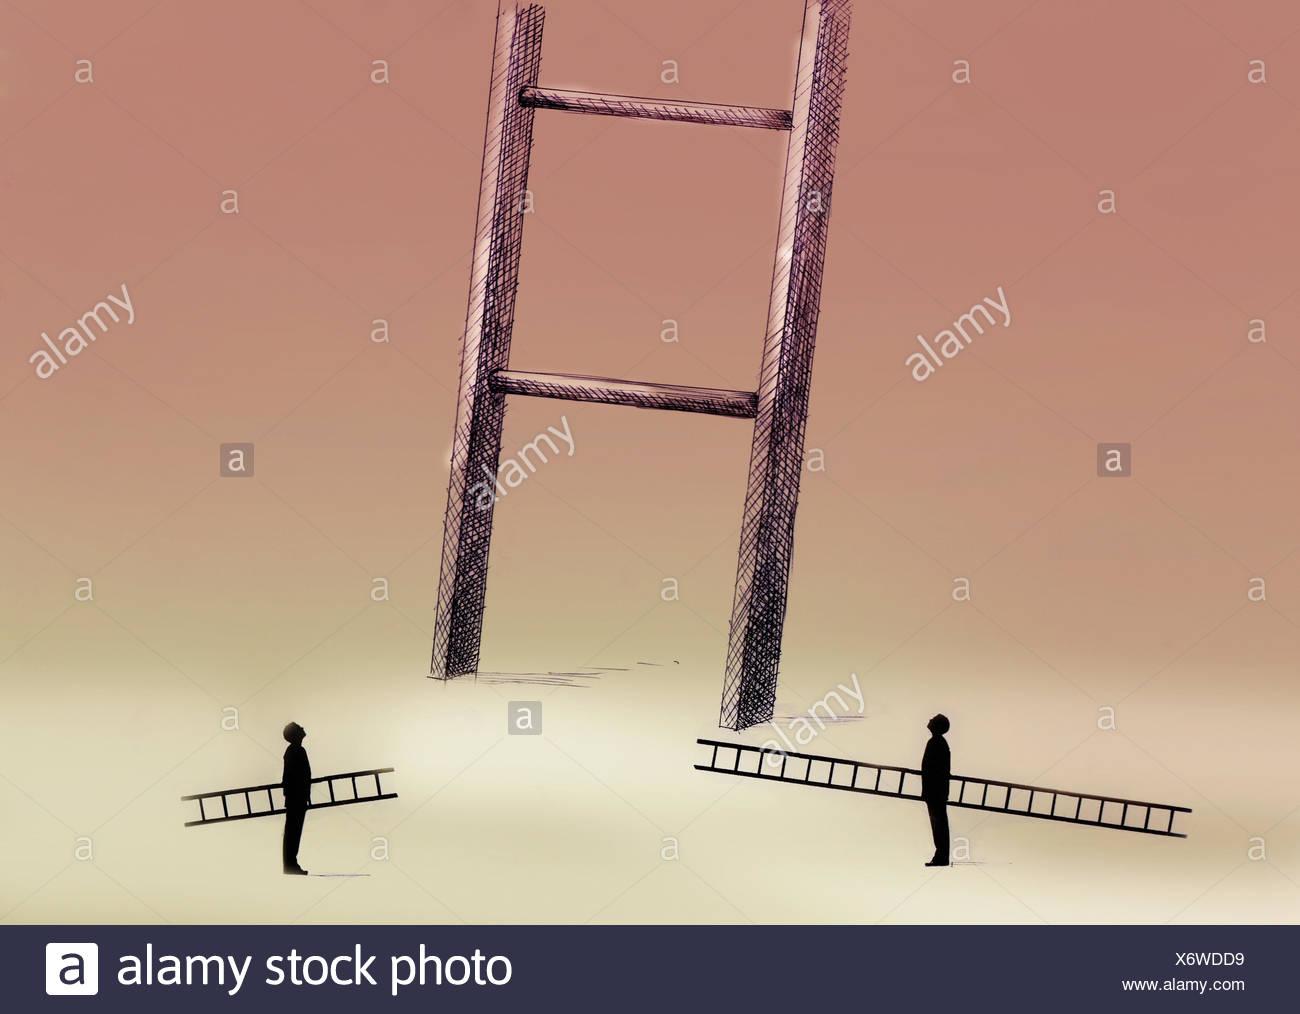 Zwei Männer mit kleinen Leitern nach oben bei großen Leiter Stockbild